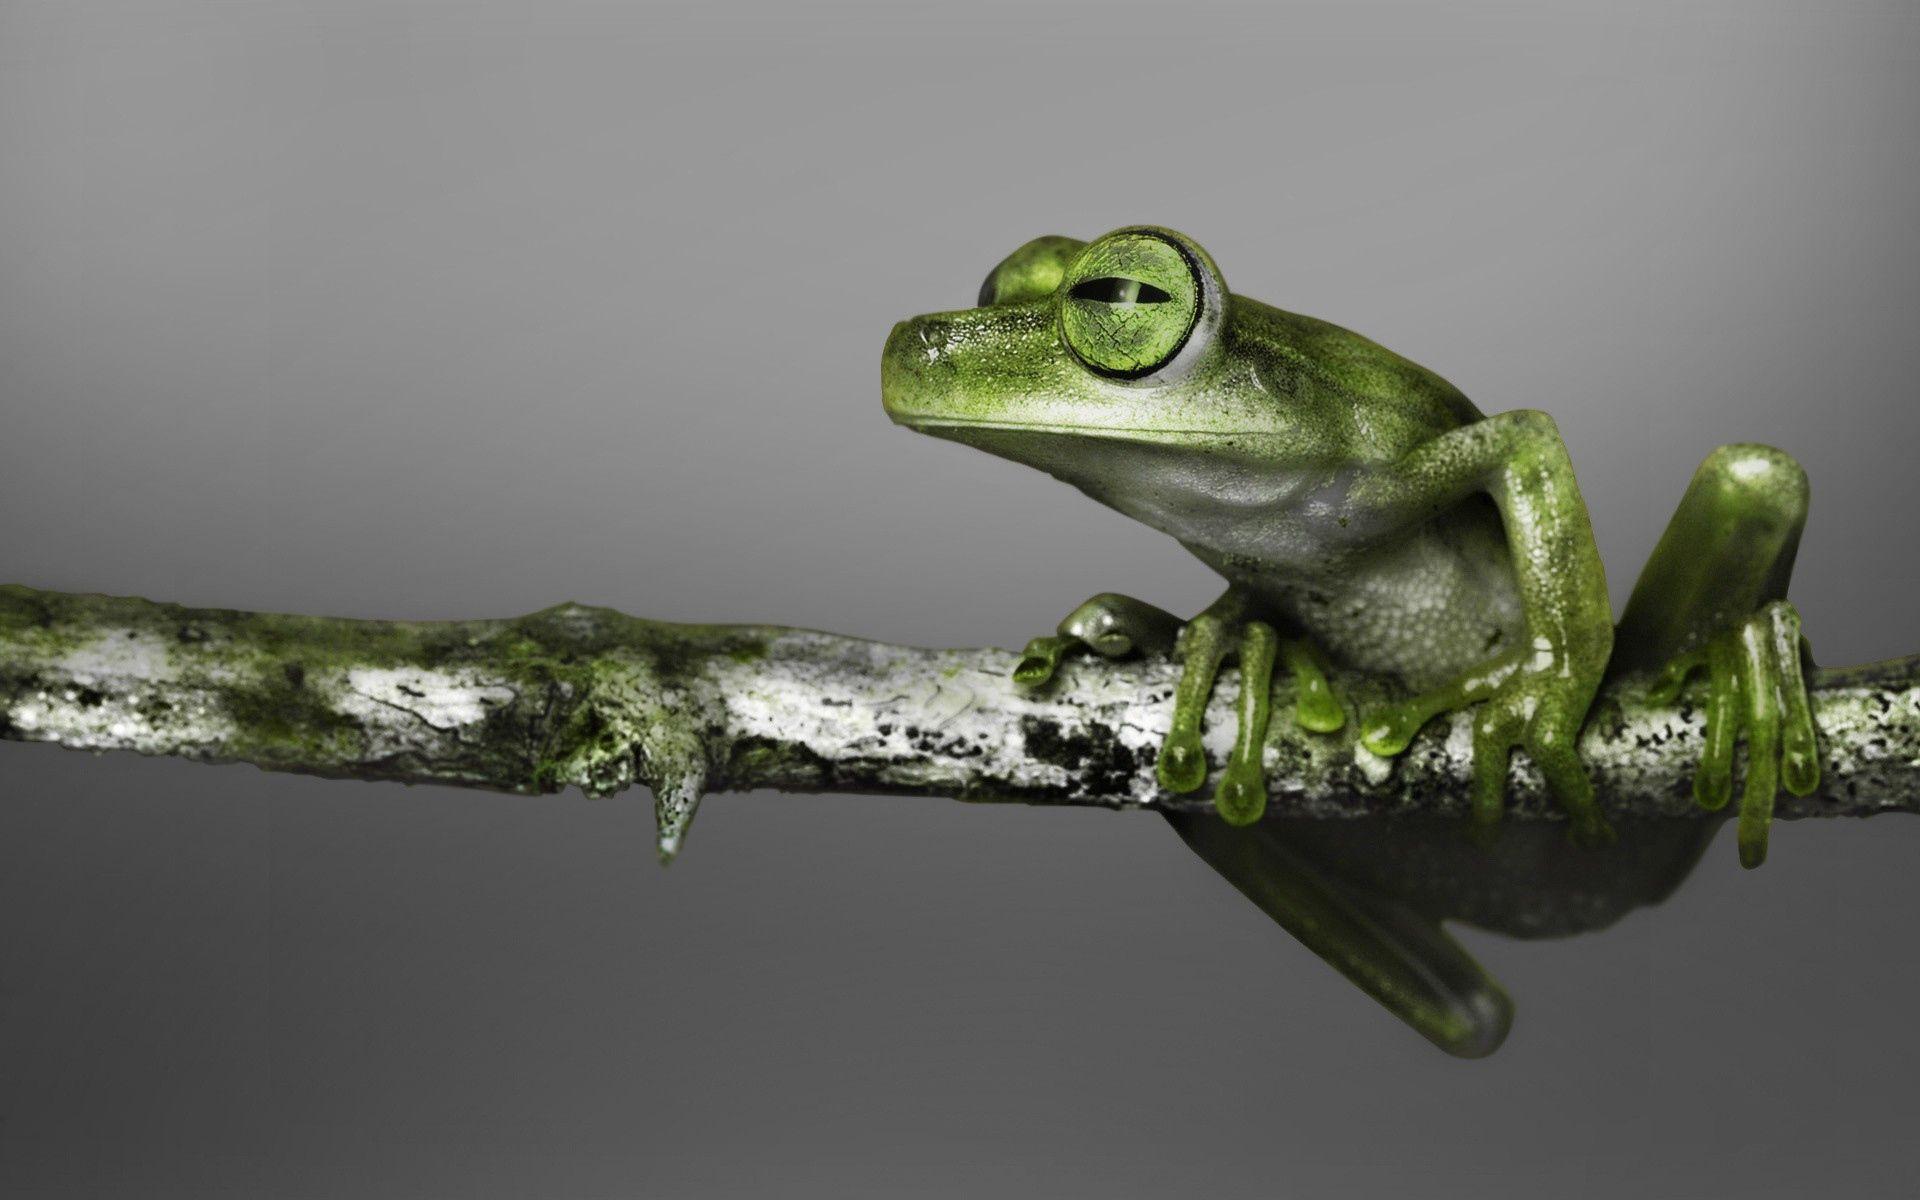 135929 Hintergrundbild herunterladen Tiere, Farbe, Ast, Zweig, Steigen, Klettern, Frosch - Bildschirmschoner und Bilder kostenlos